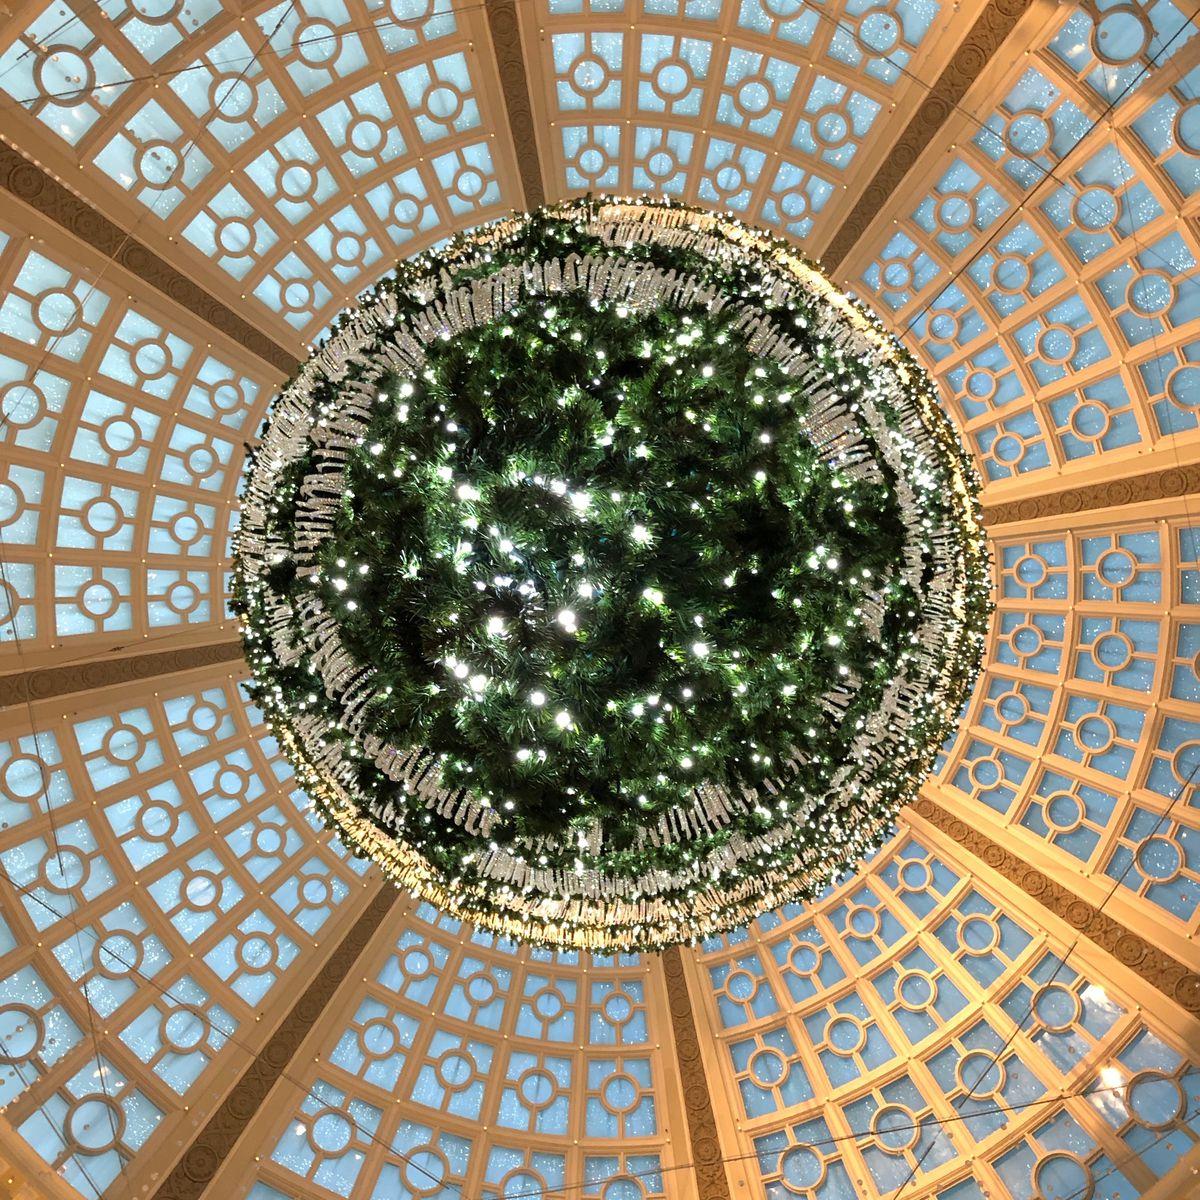 Upside Down Christmas Tree Tradition.Upside Down Christmas Tree Returns With Imitators And